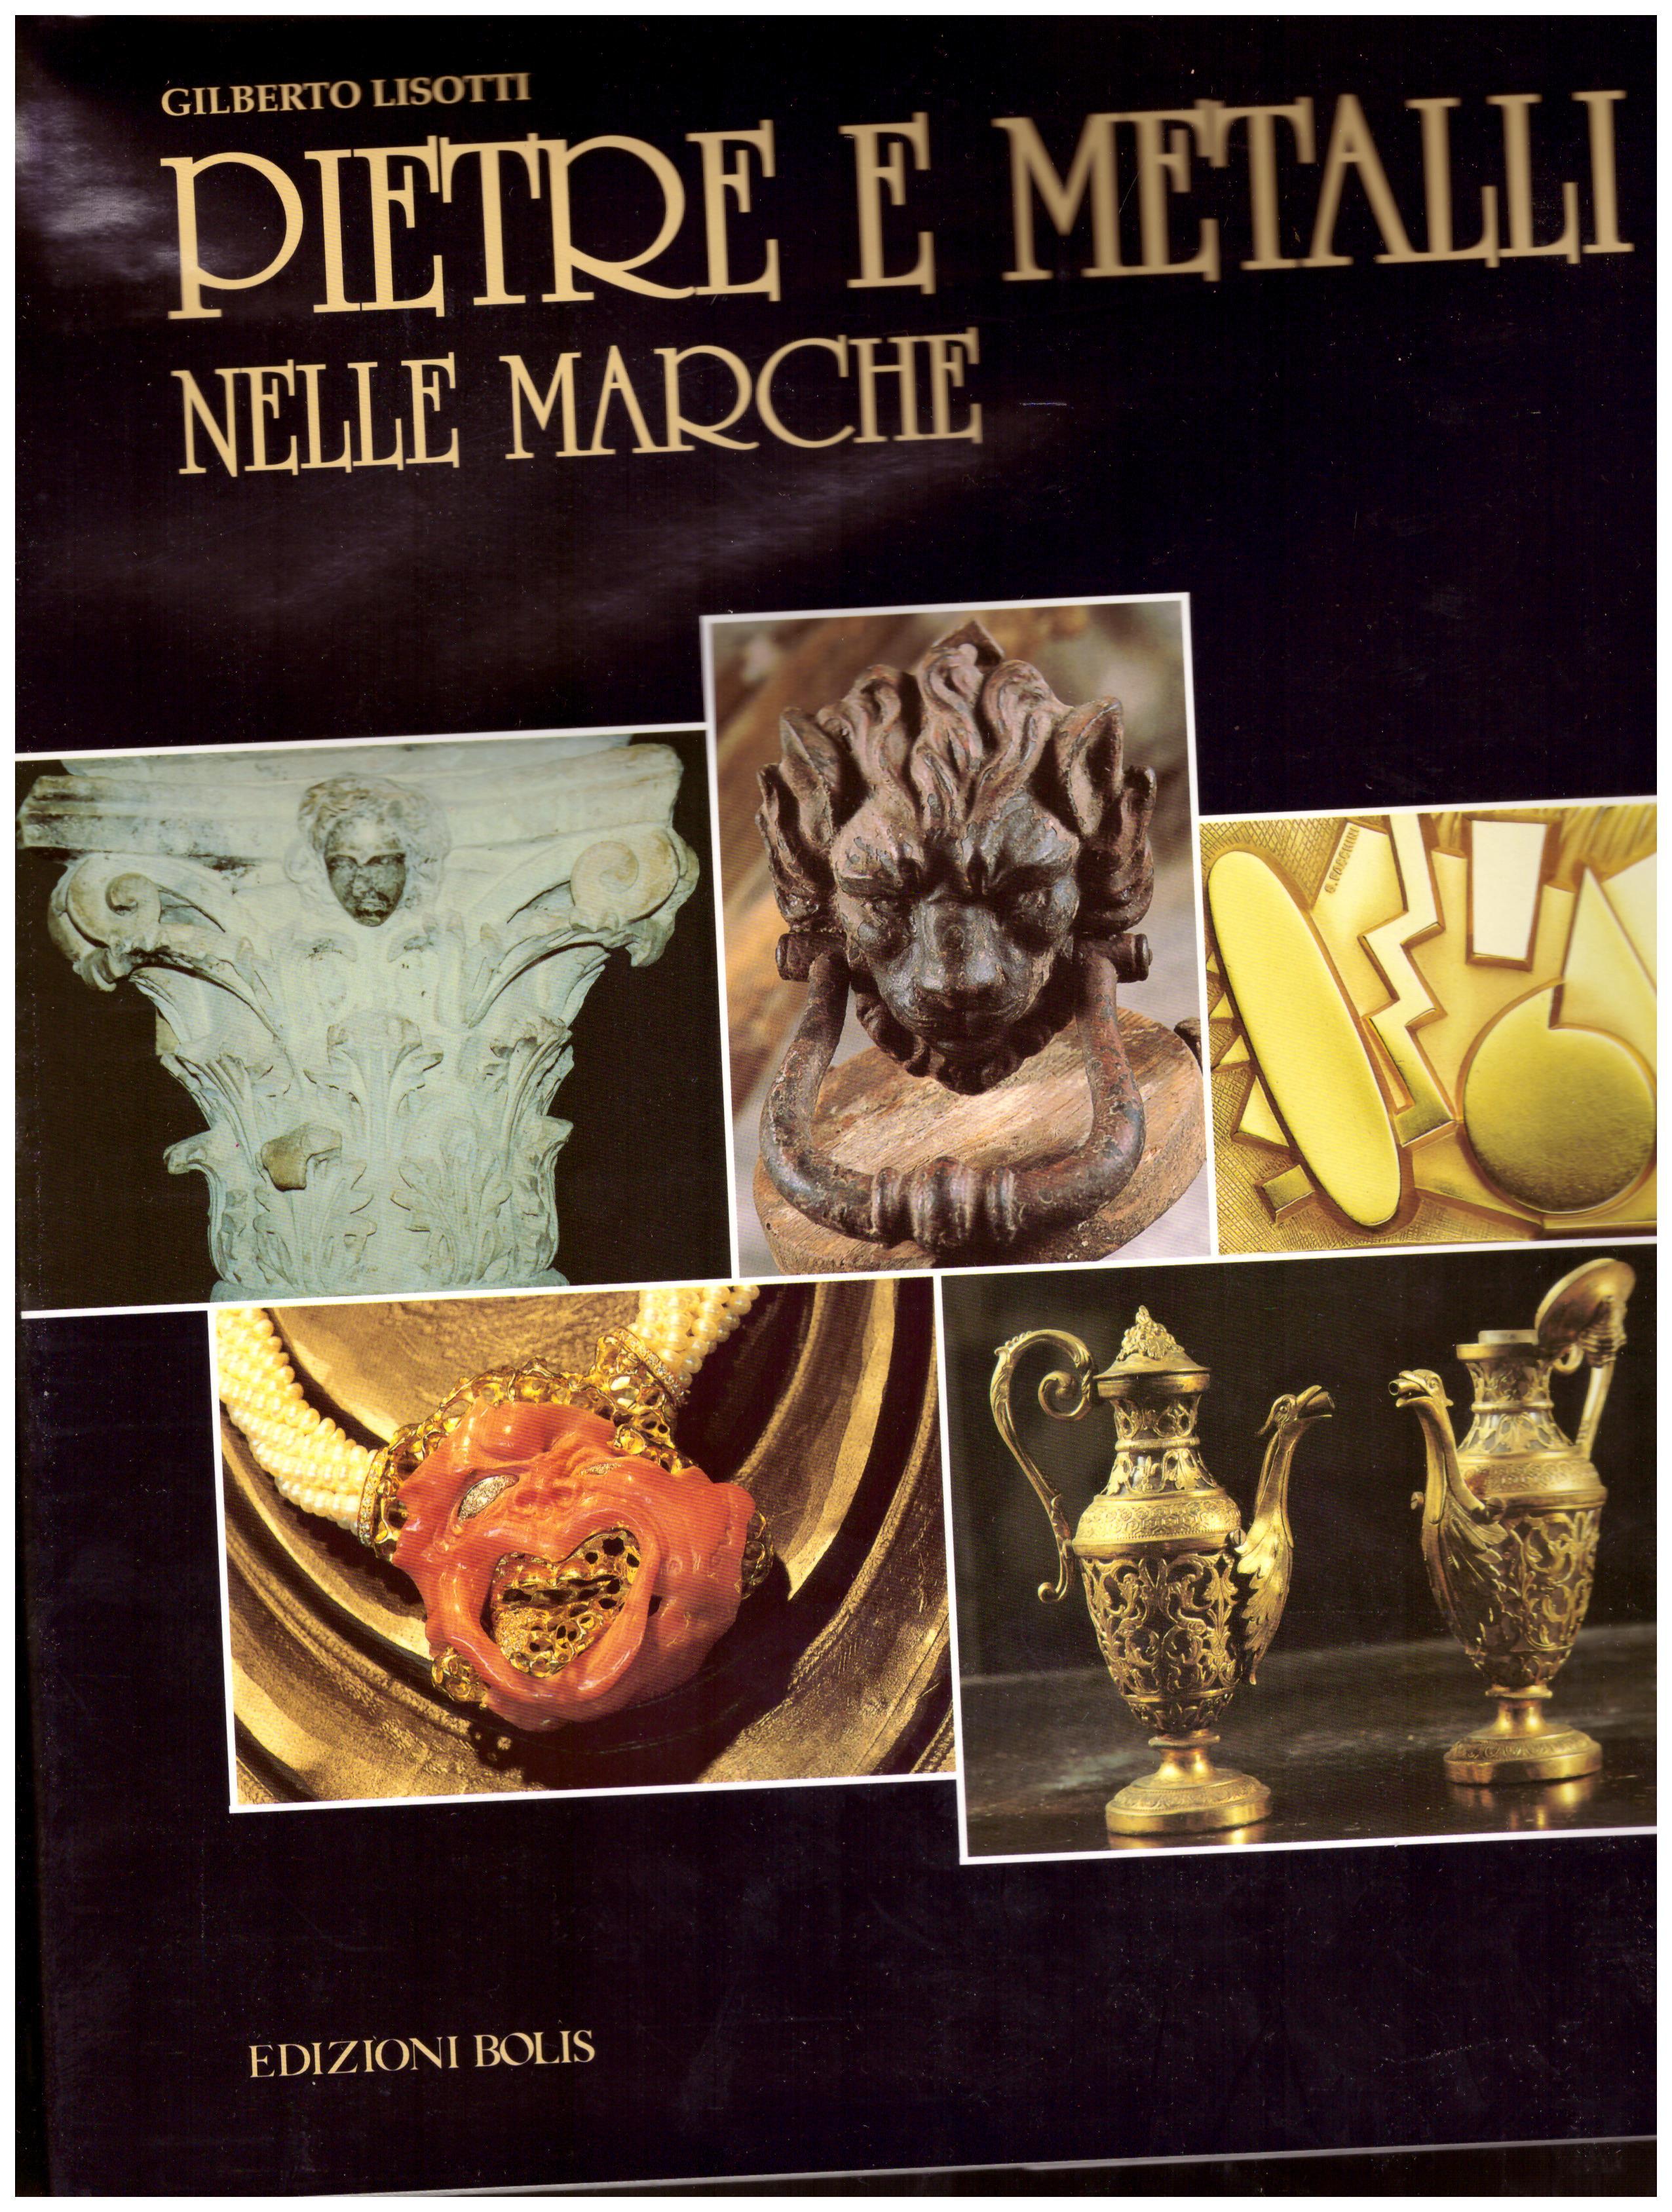 Titolo: Pietre e metalli nelle Marche     Autore: Gilberto Lisotti    Editore: Edizioni Bolis